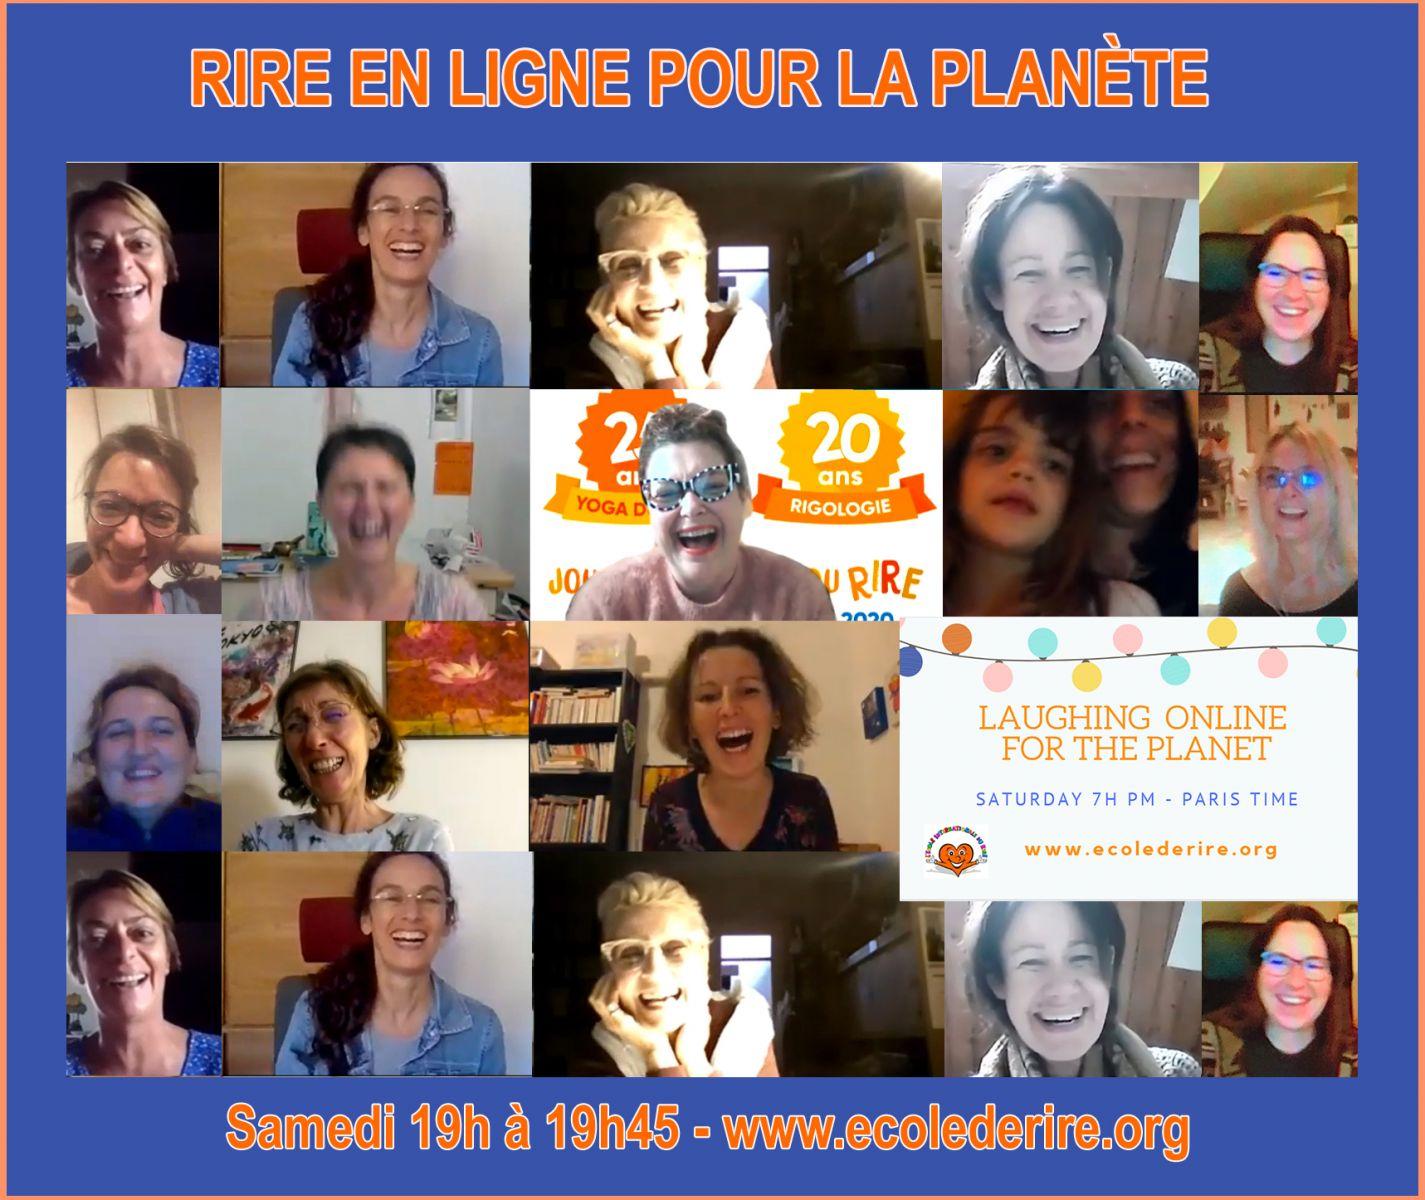 Rire pour la planète Laughter party on line Rire pour les soignants pendant le confinement Covid 19 2020